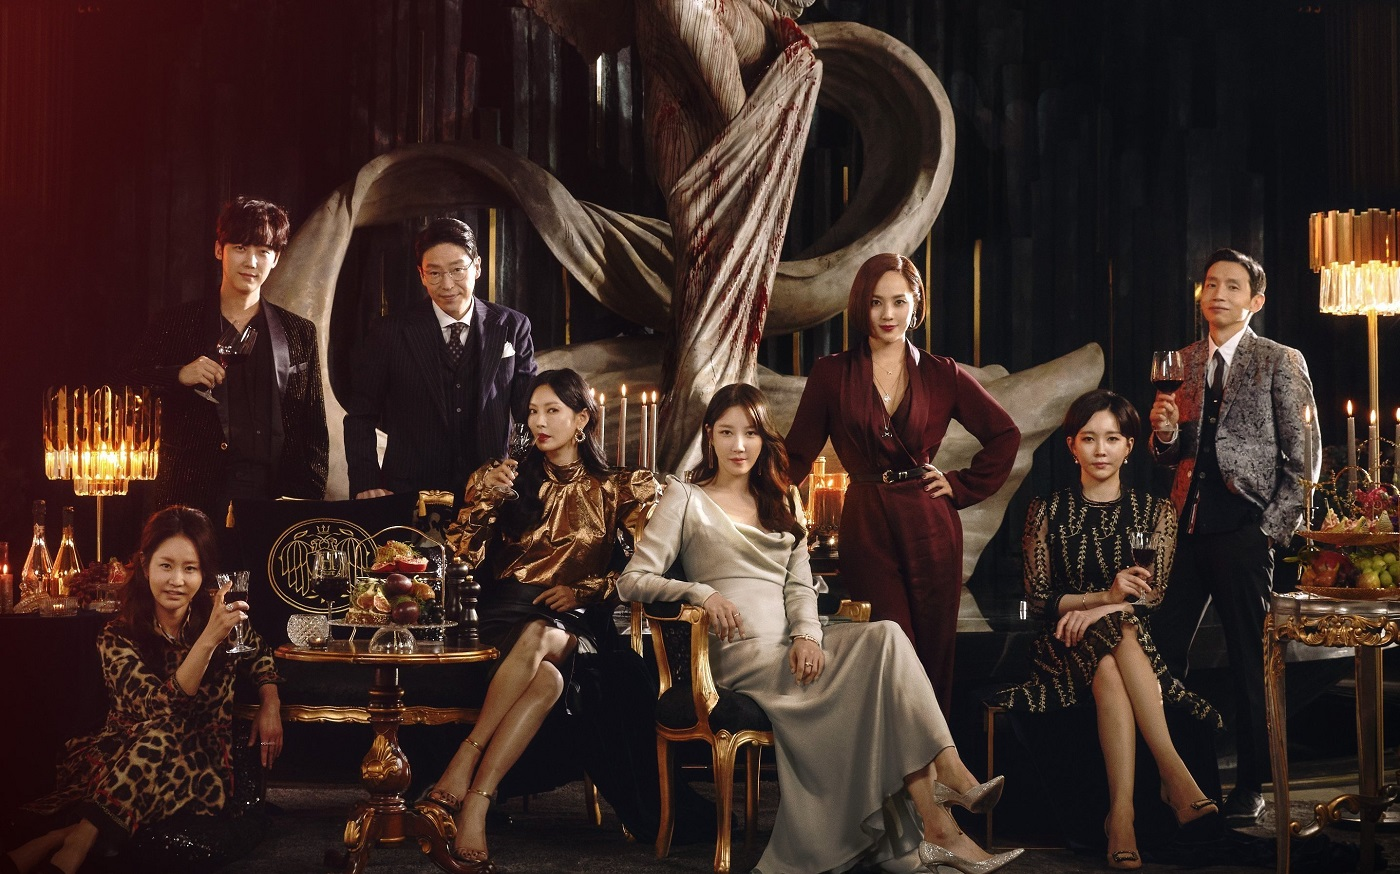 Пентхаус 1, 2 и 3-й сезон / Penthouse (2020) Южная Корея